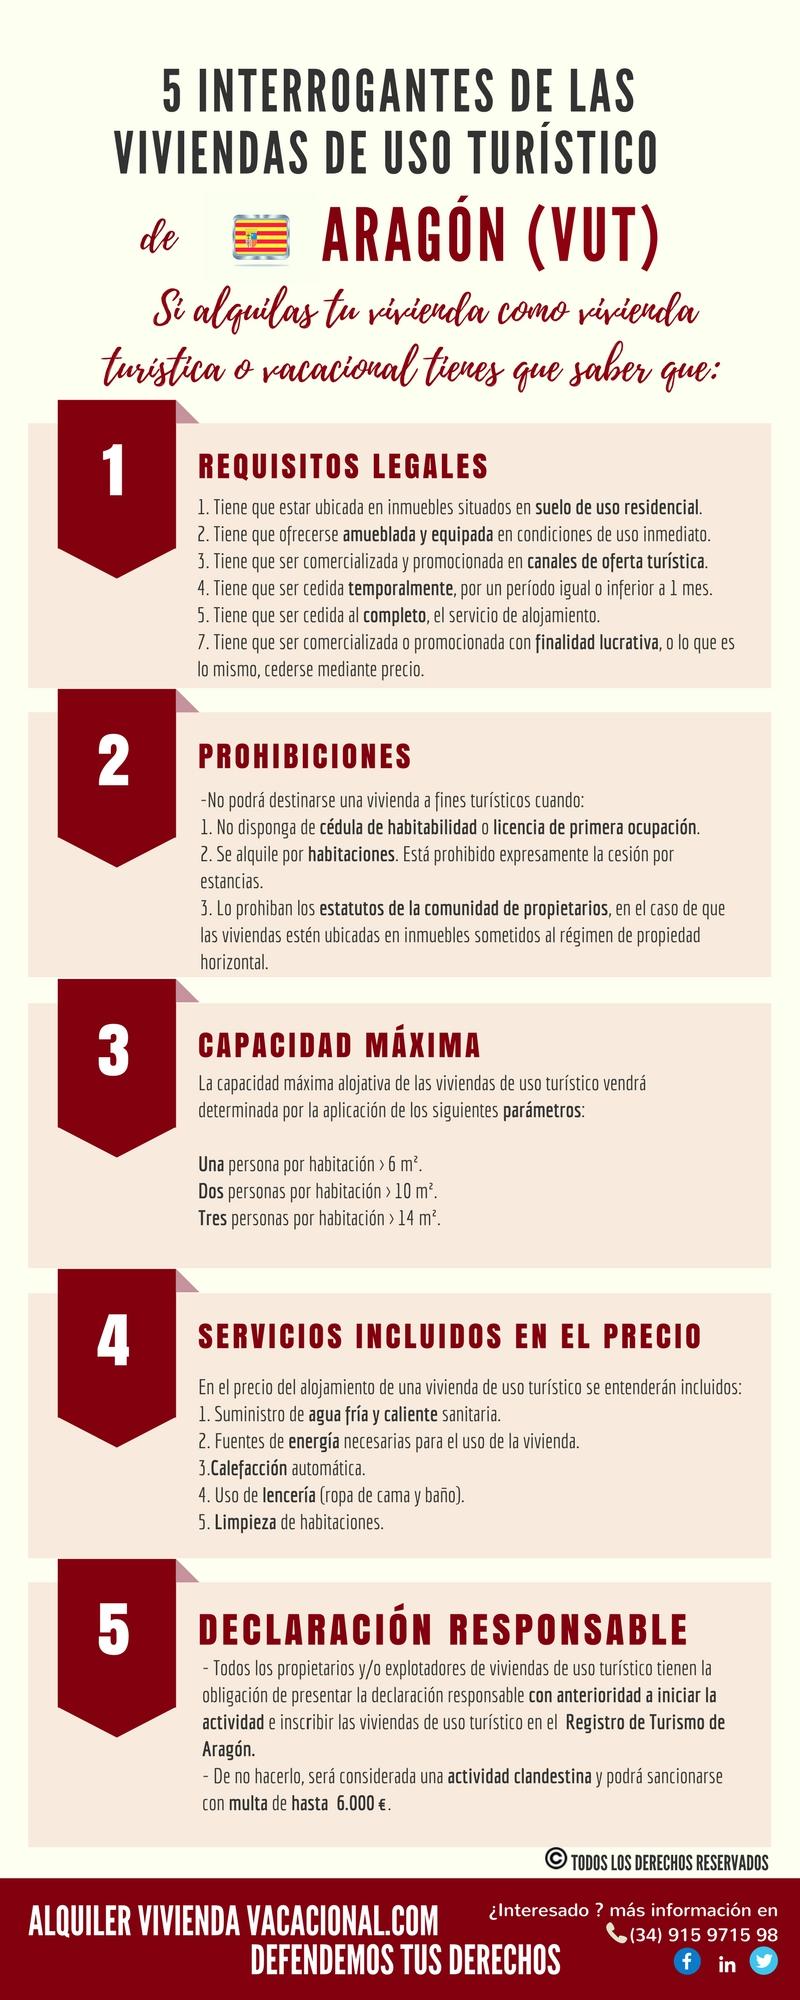 5 Interrogantes de las VUT. Aragón